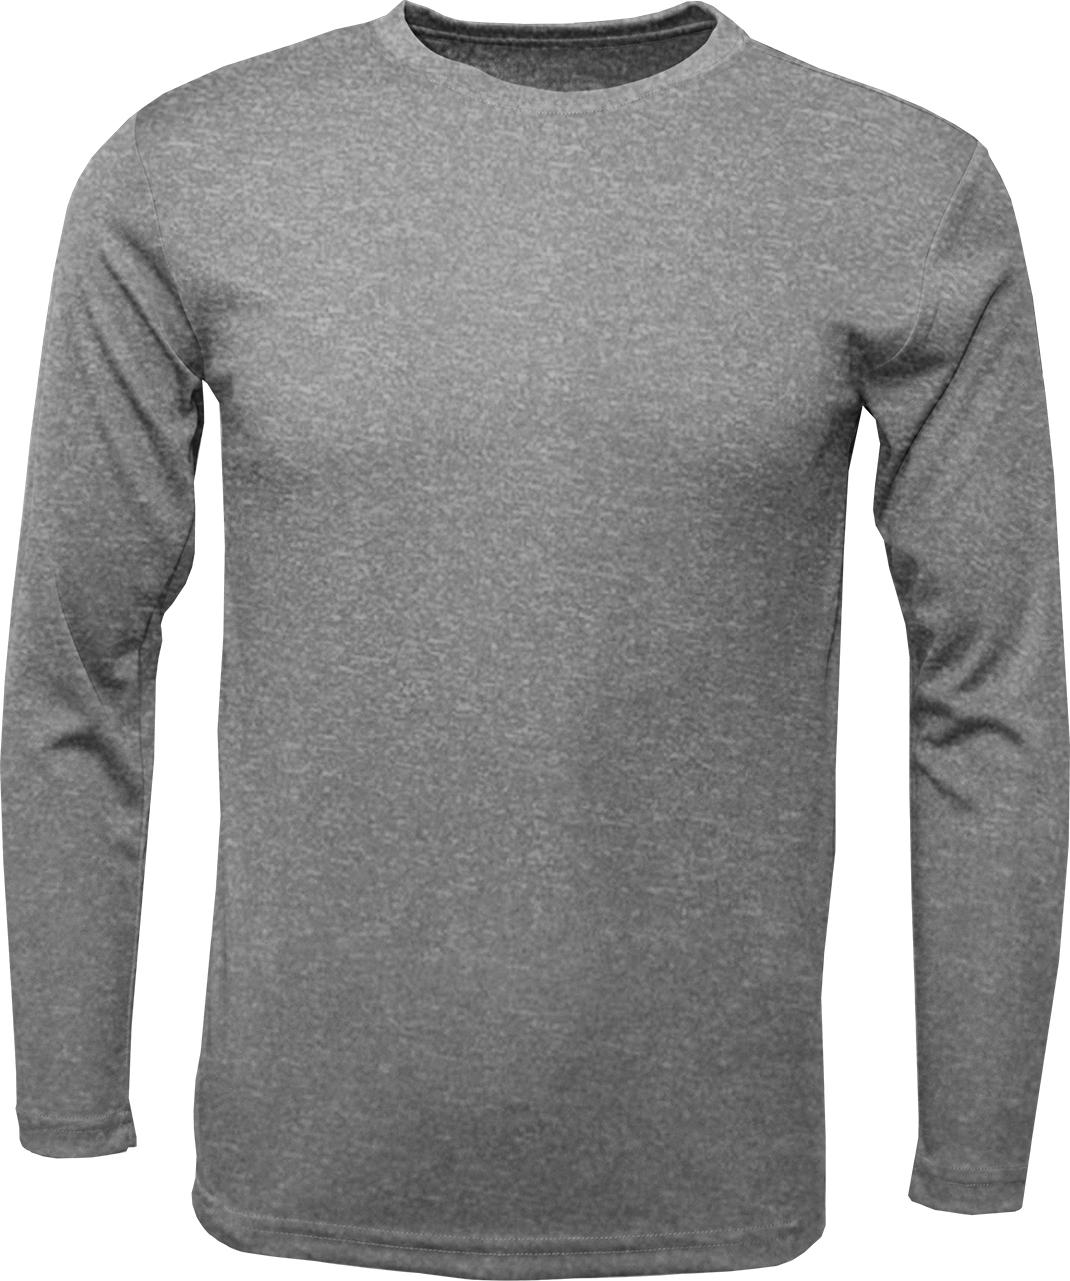 5306de128 BAW Athletic Wear. XT96